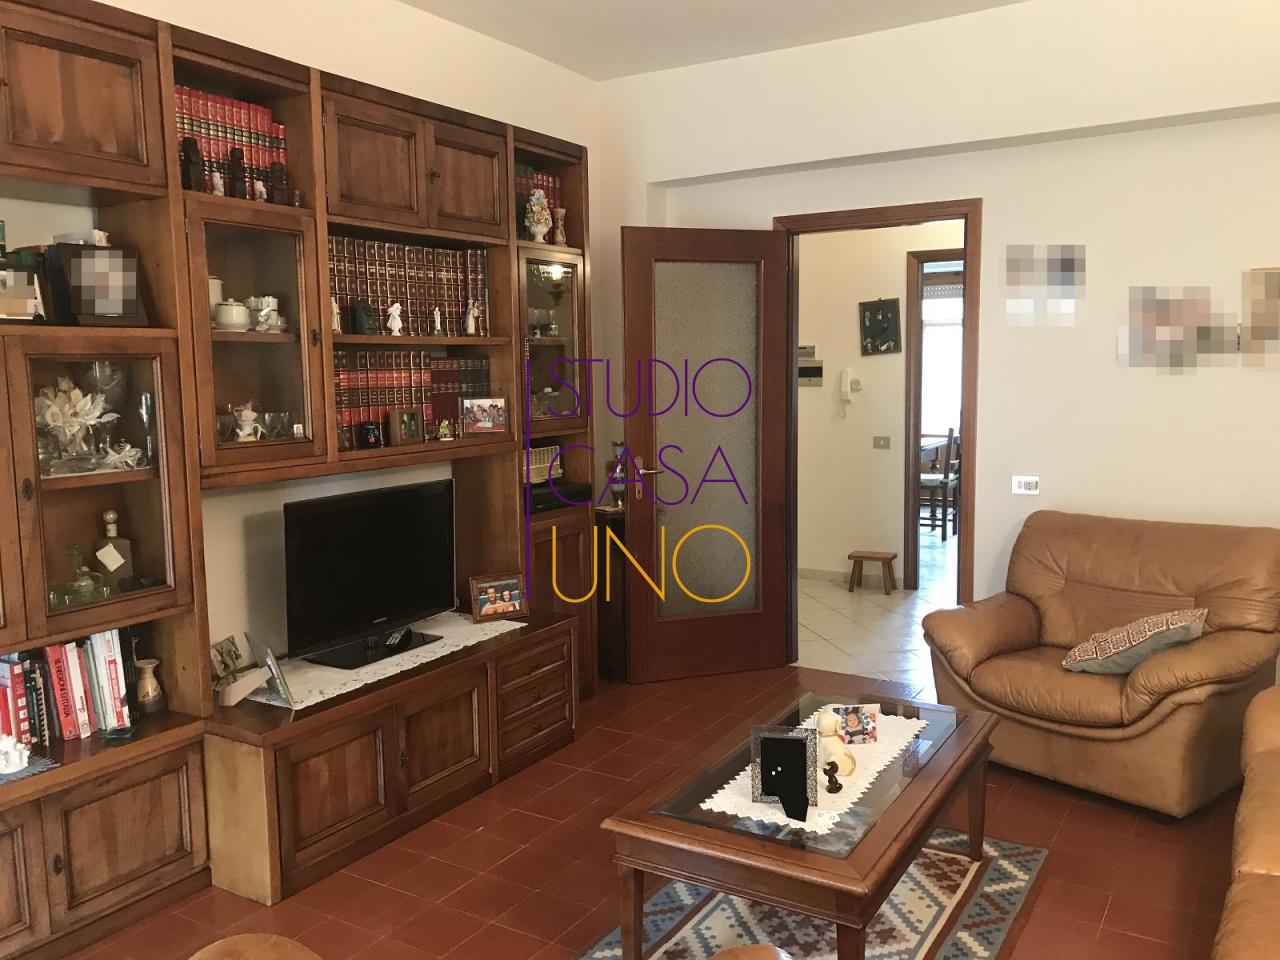 Appartamento in vendita a Bucine, 5 locali, prezzo € 115.000 | CambioCasa.it